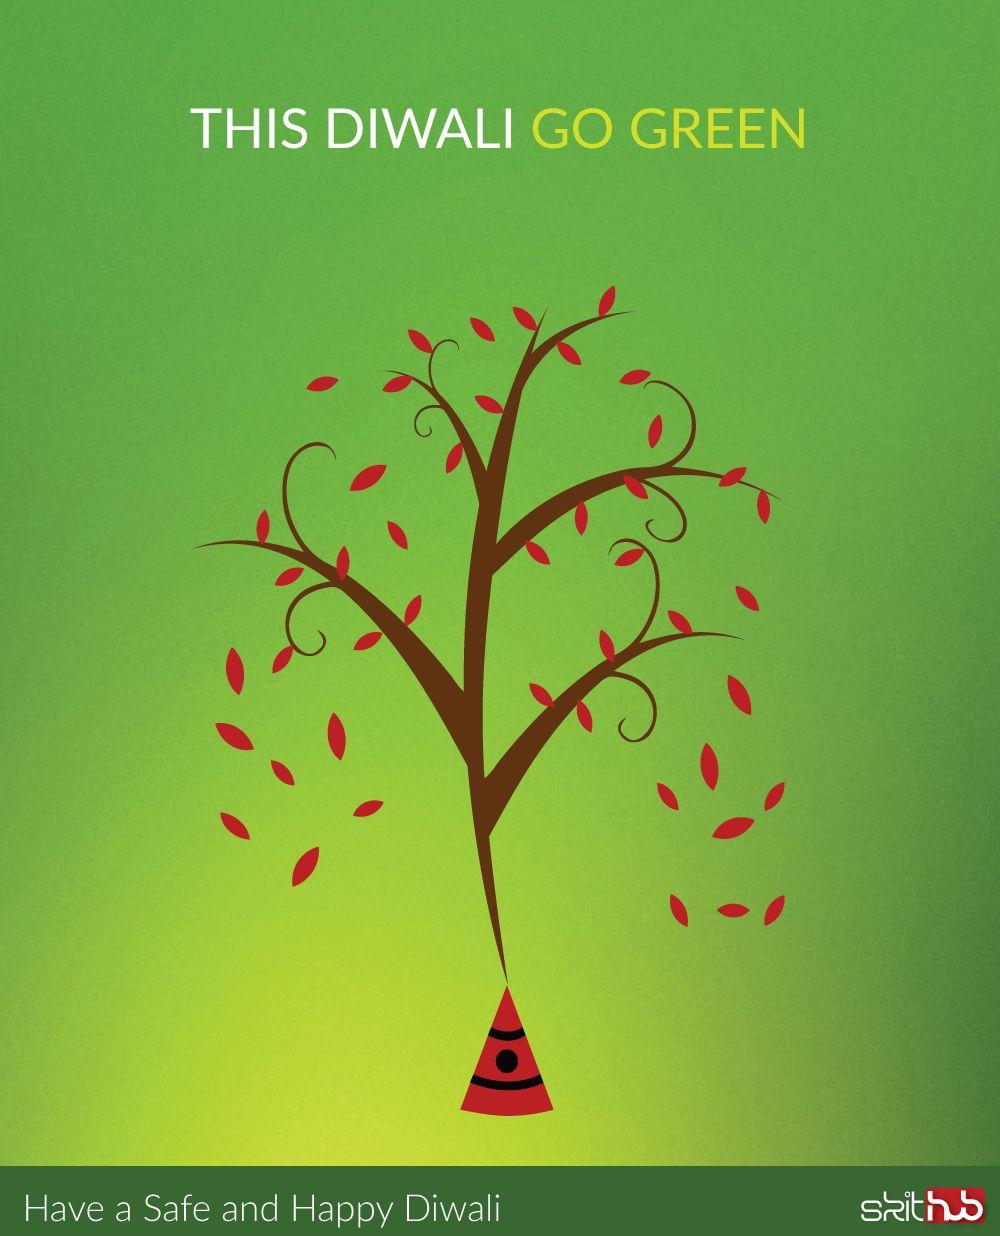 diwali go green skithub com diwali diy diwali cards diy